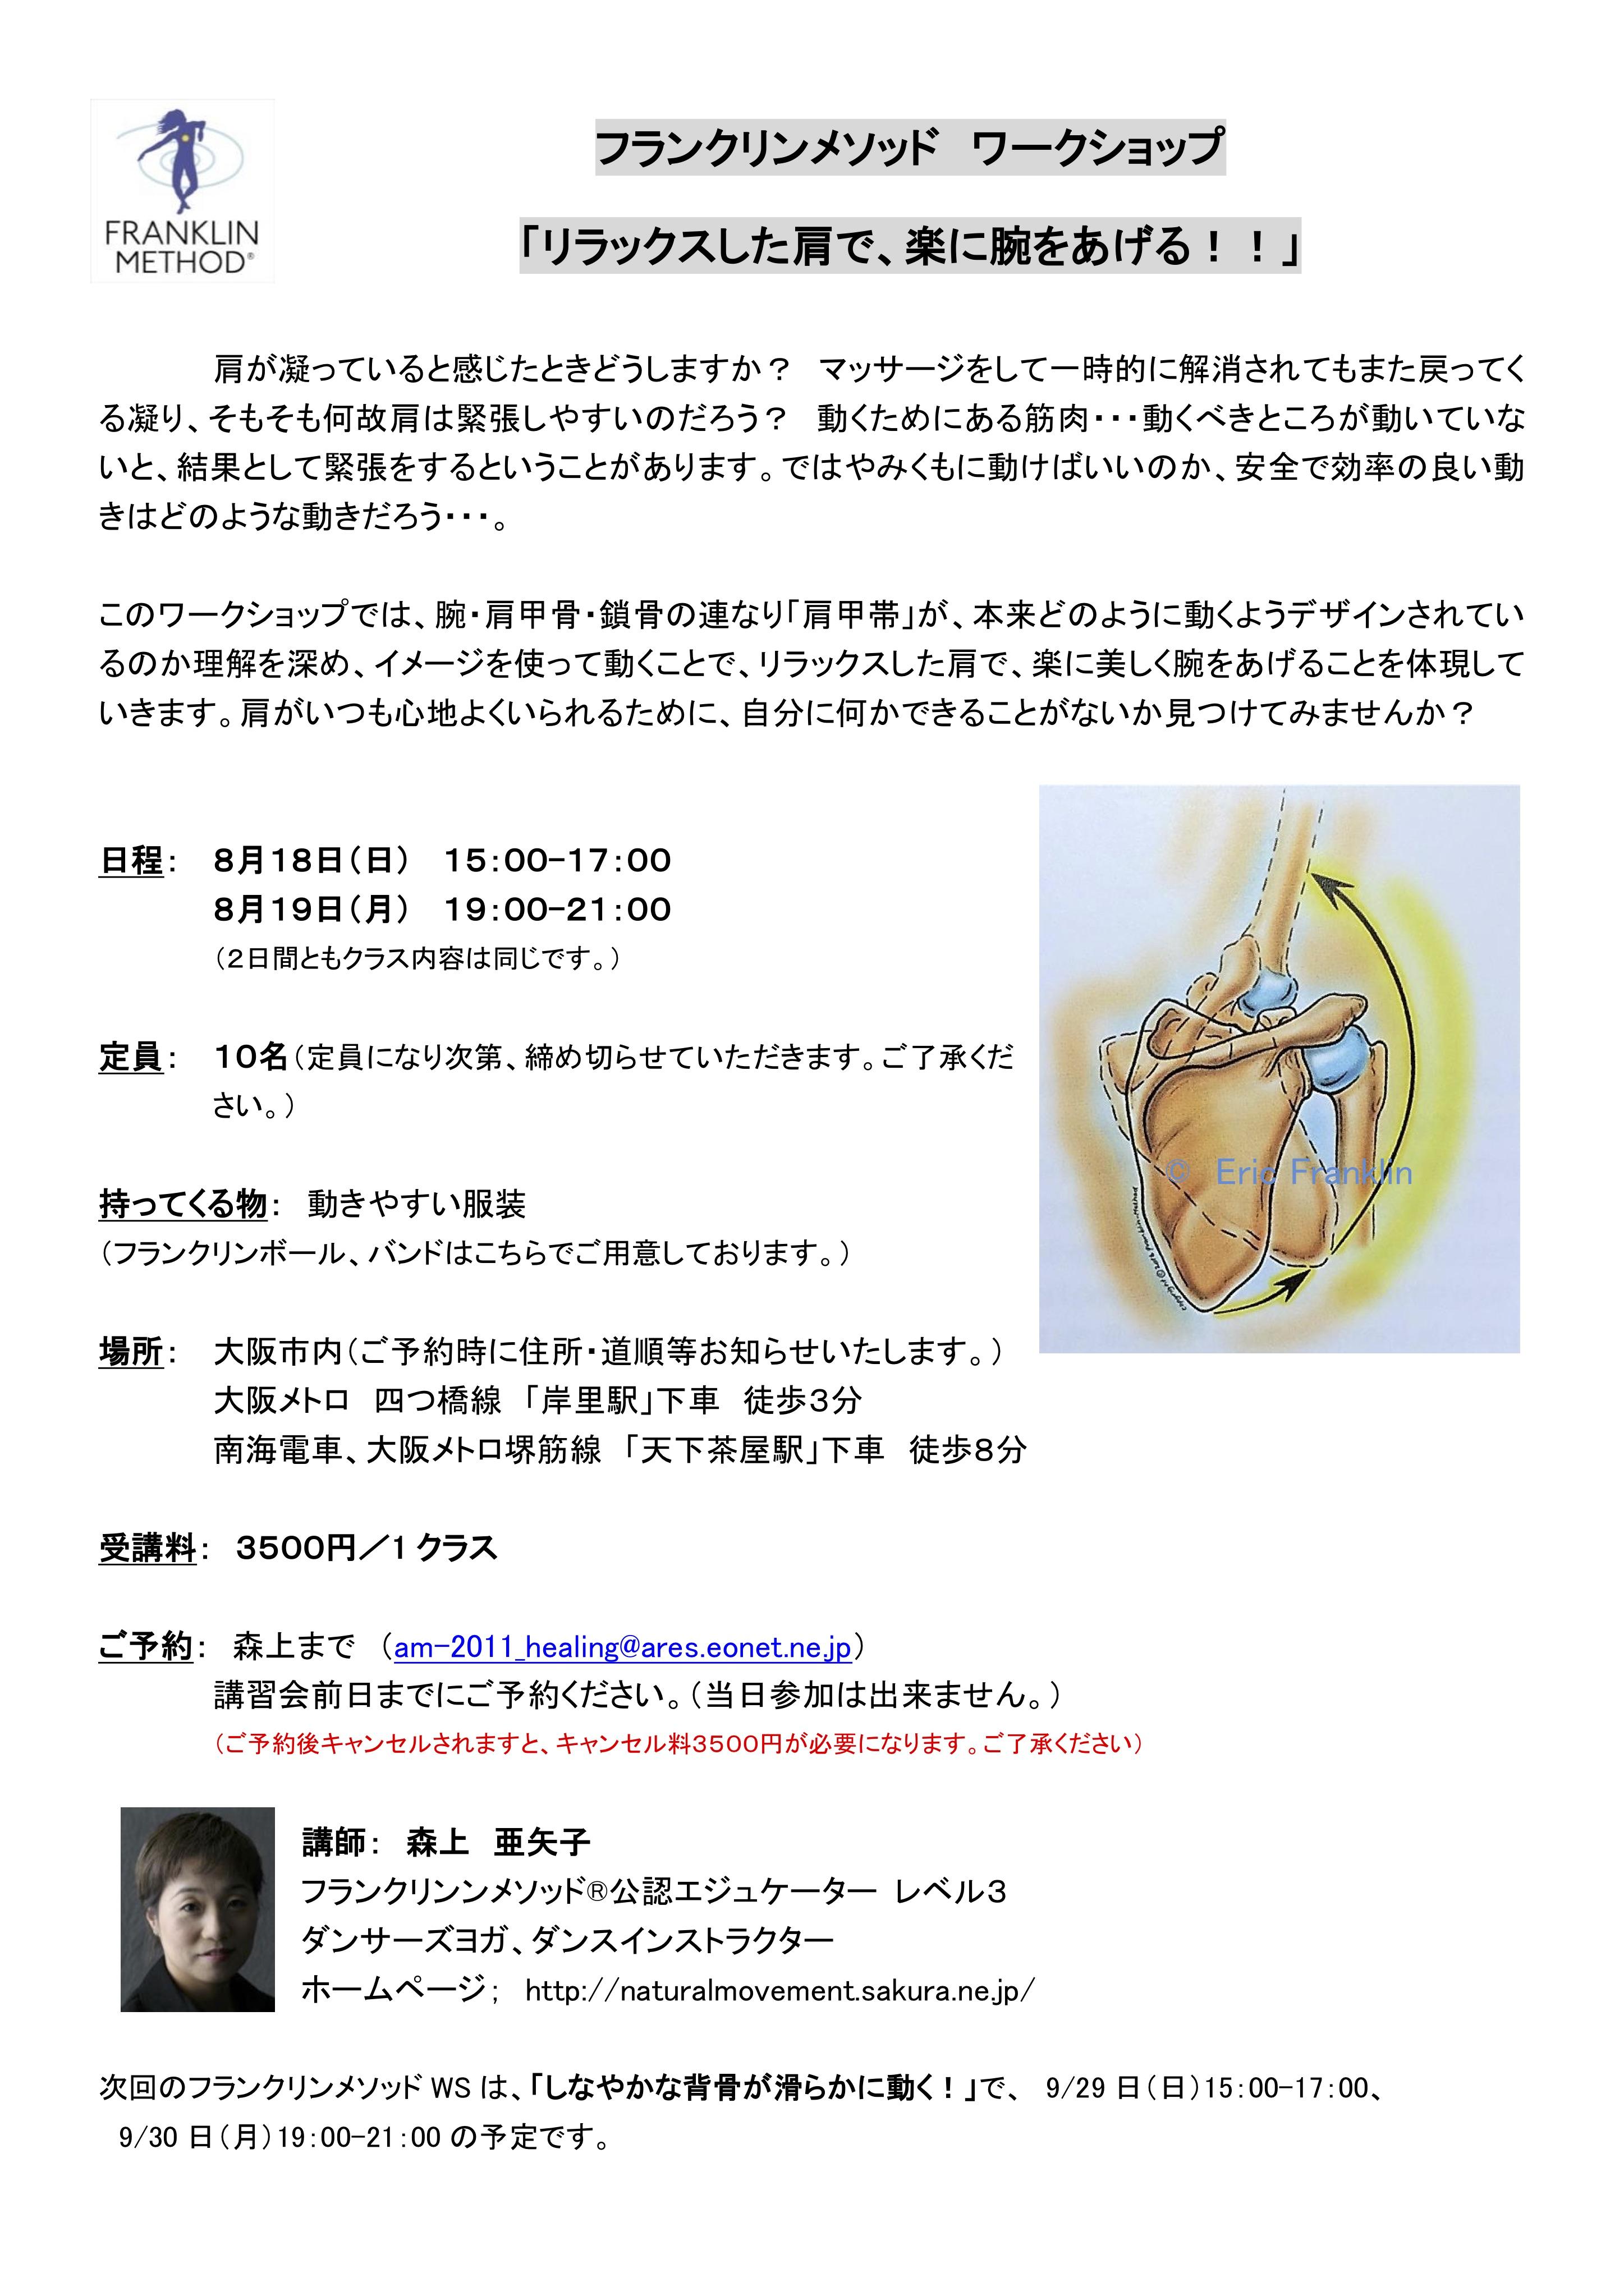 8/18(日)大阪 森上亜矢子WS「リラックスした肩で、楽に腕をあげる!!」